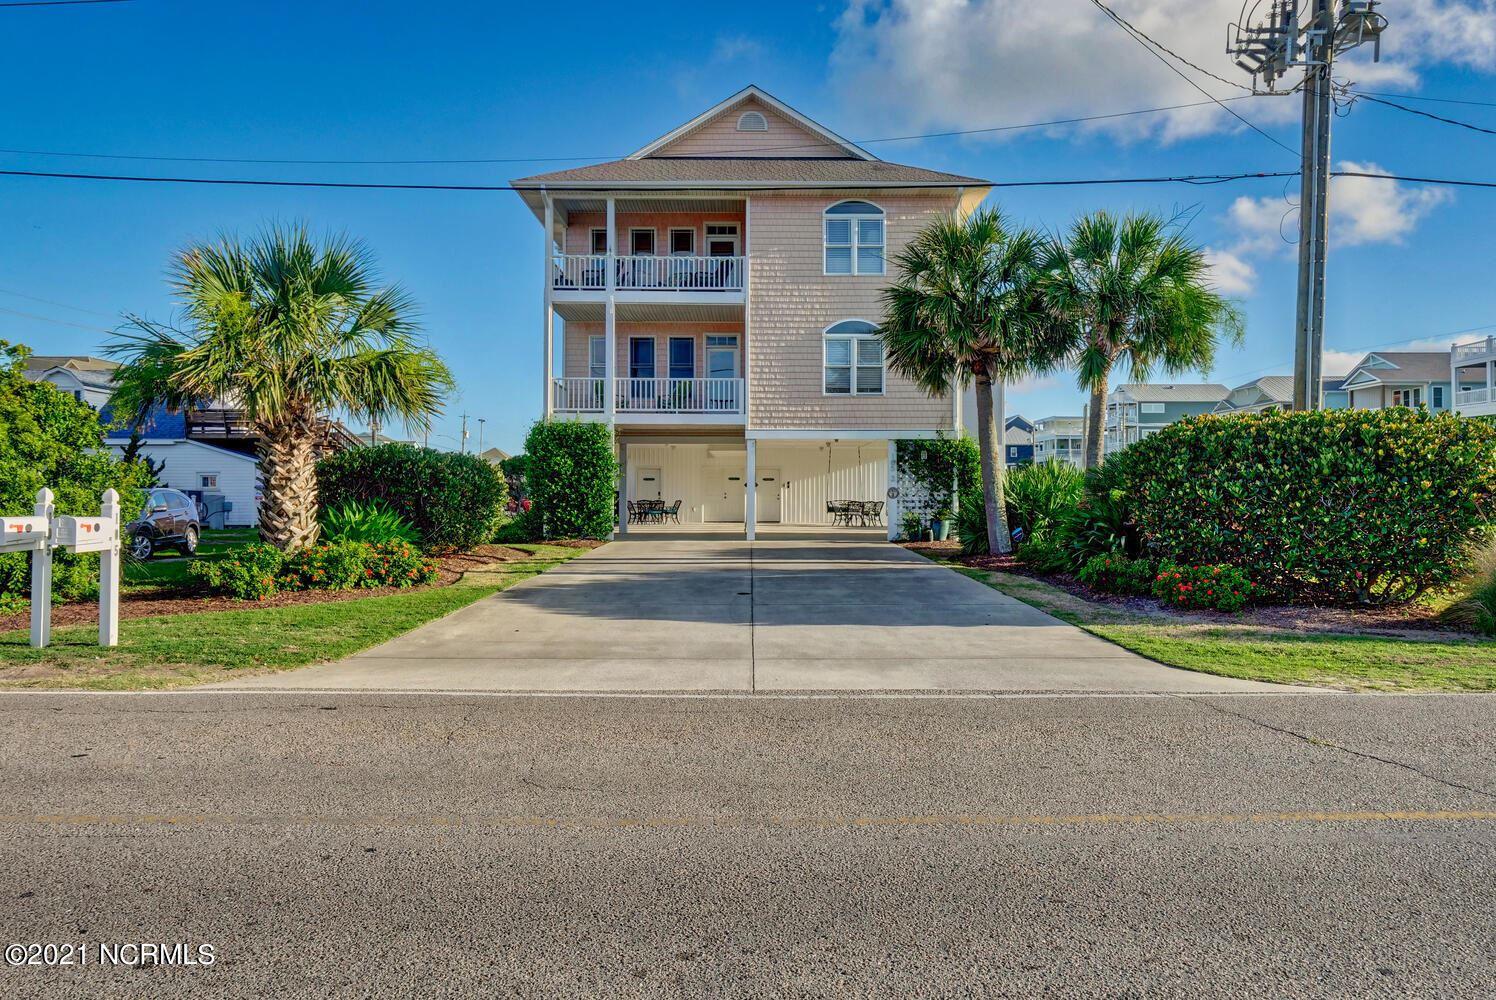 Photo of 105 Ocean Boulevard #2, Carolina Beach, NC 28428 (MLS # 100295589)